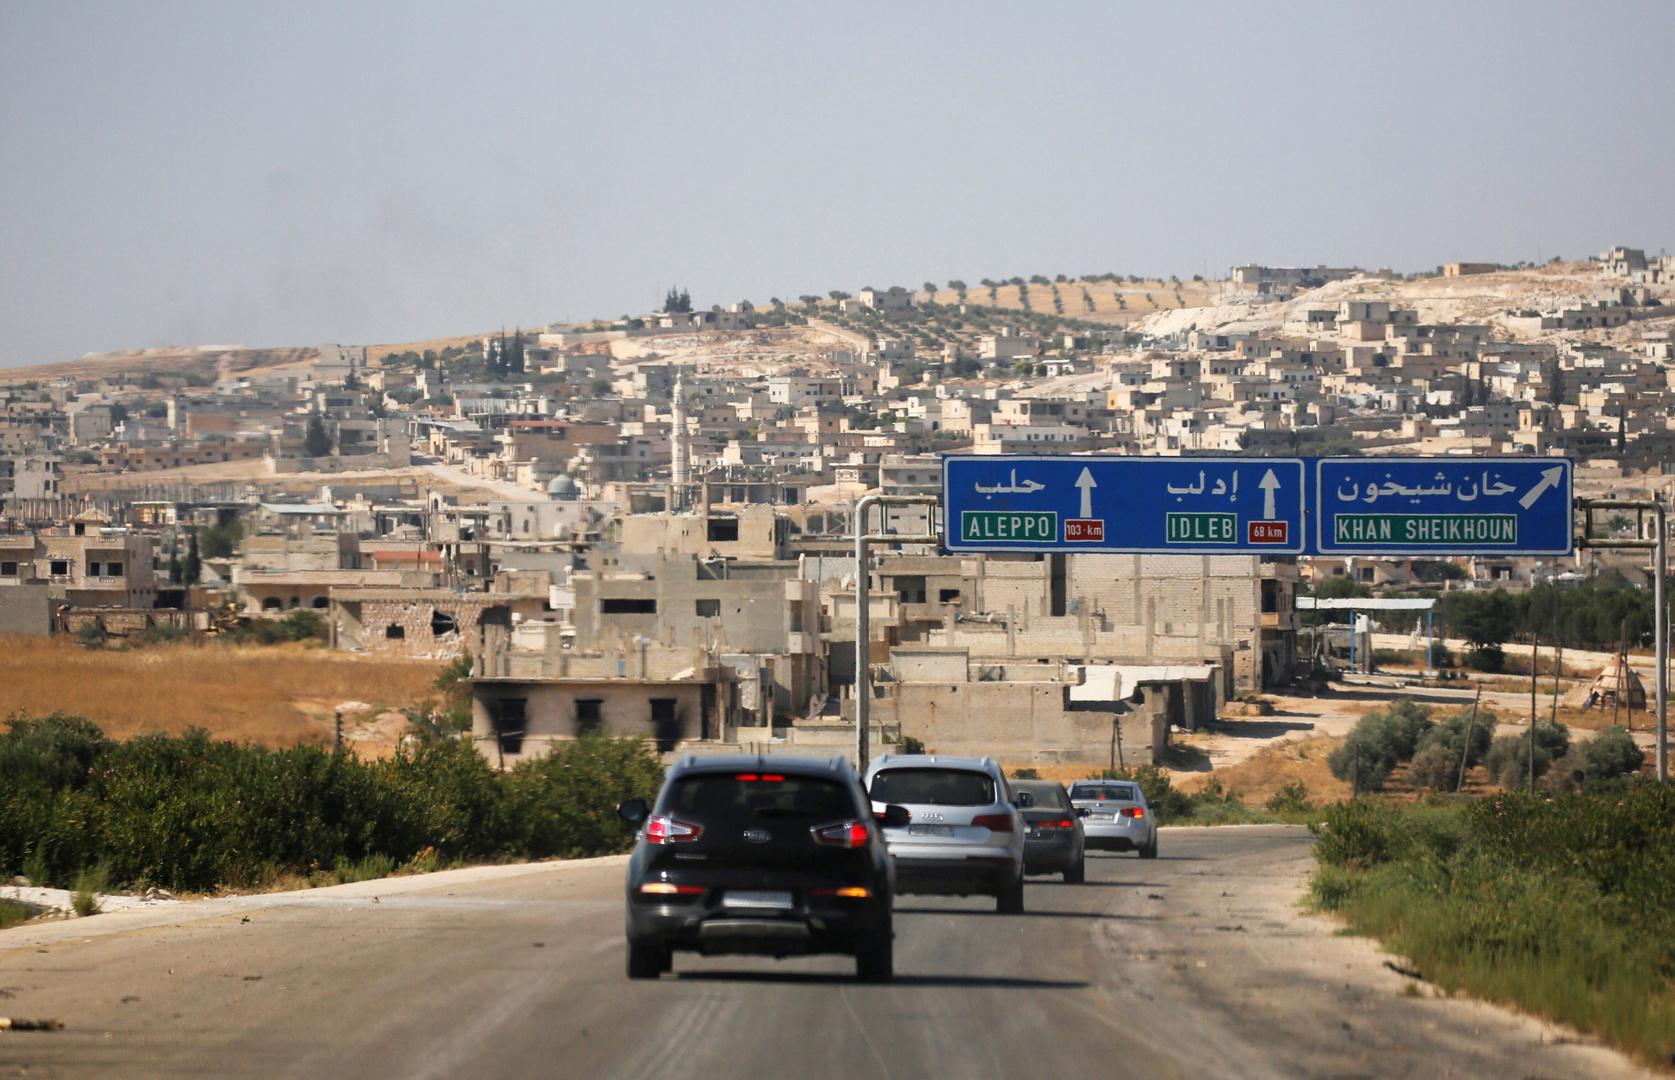 سوريا.. مقتل 3 مدنيين وجرح 4 آخرين بانفجار لغم في خان شيخون